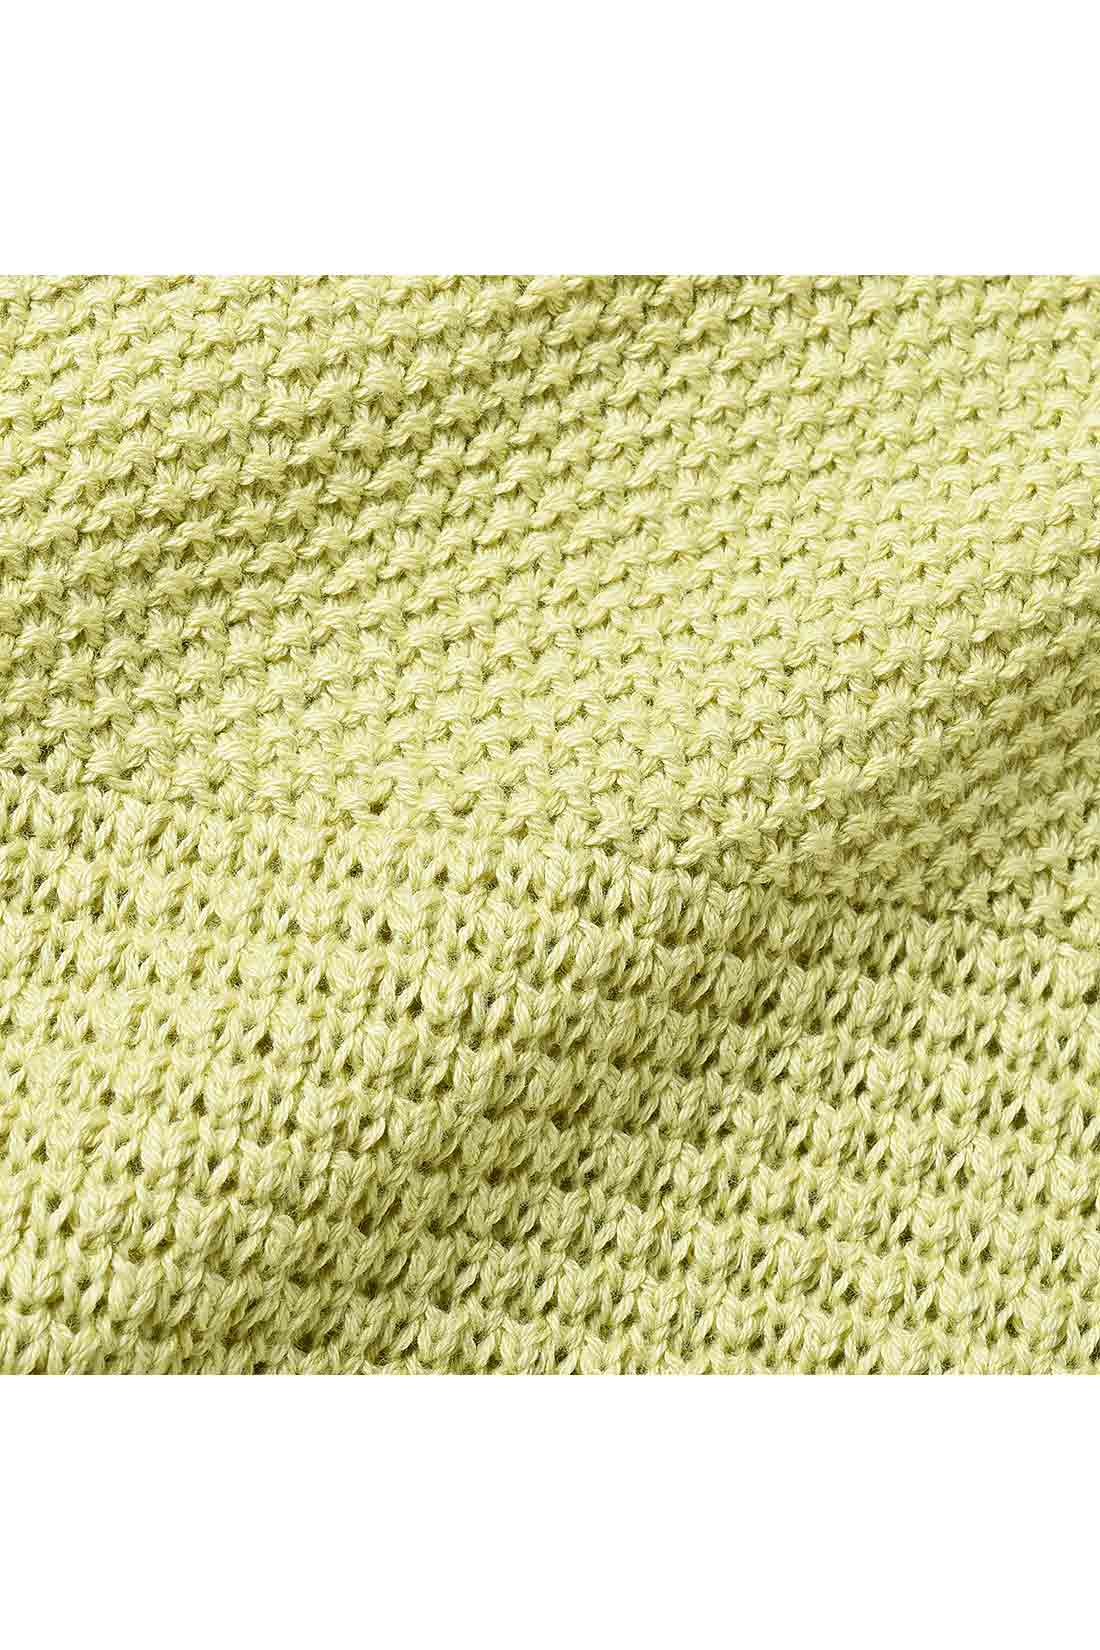 表情豊かで立体的な、かのこ&ワッフル編みの切り替えデザイン。